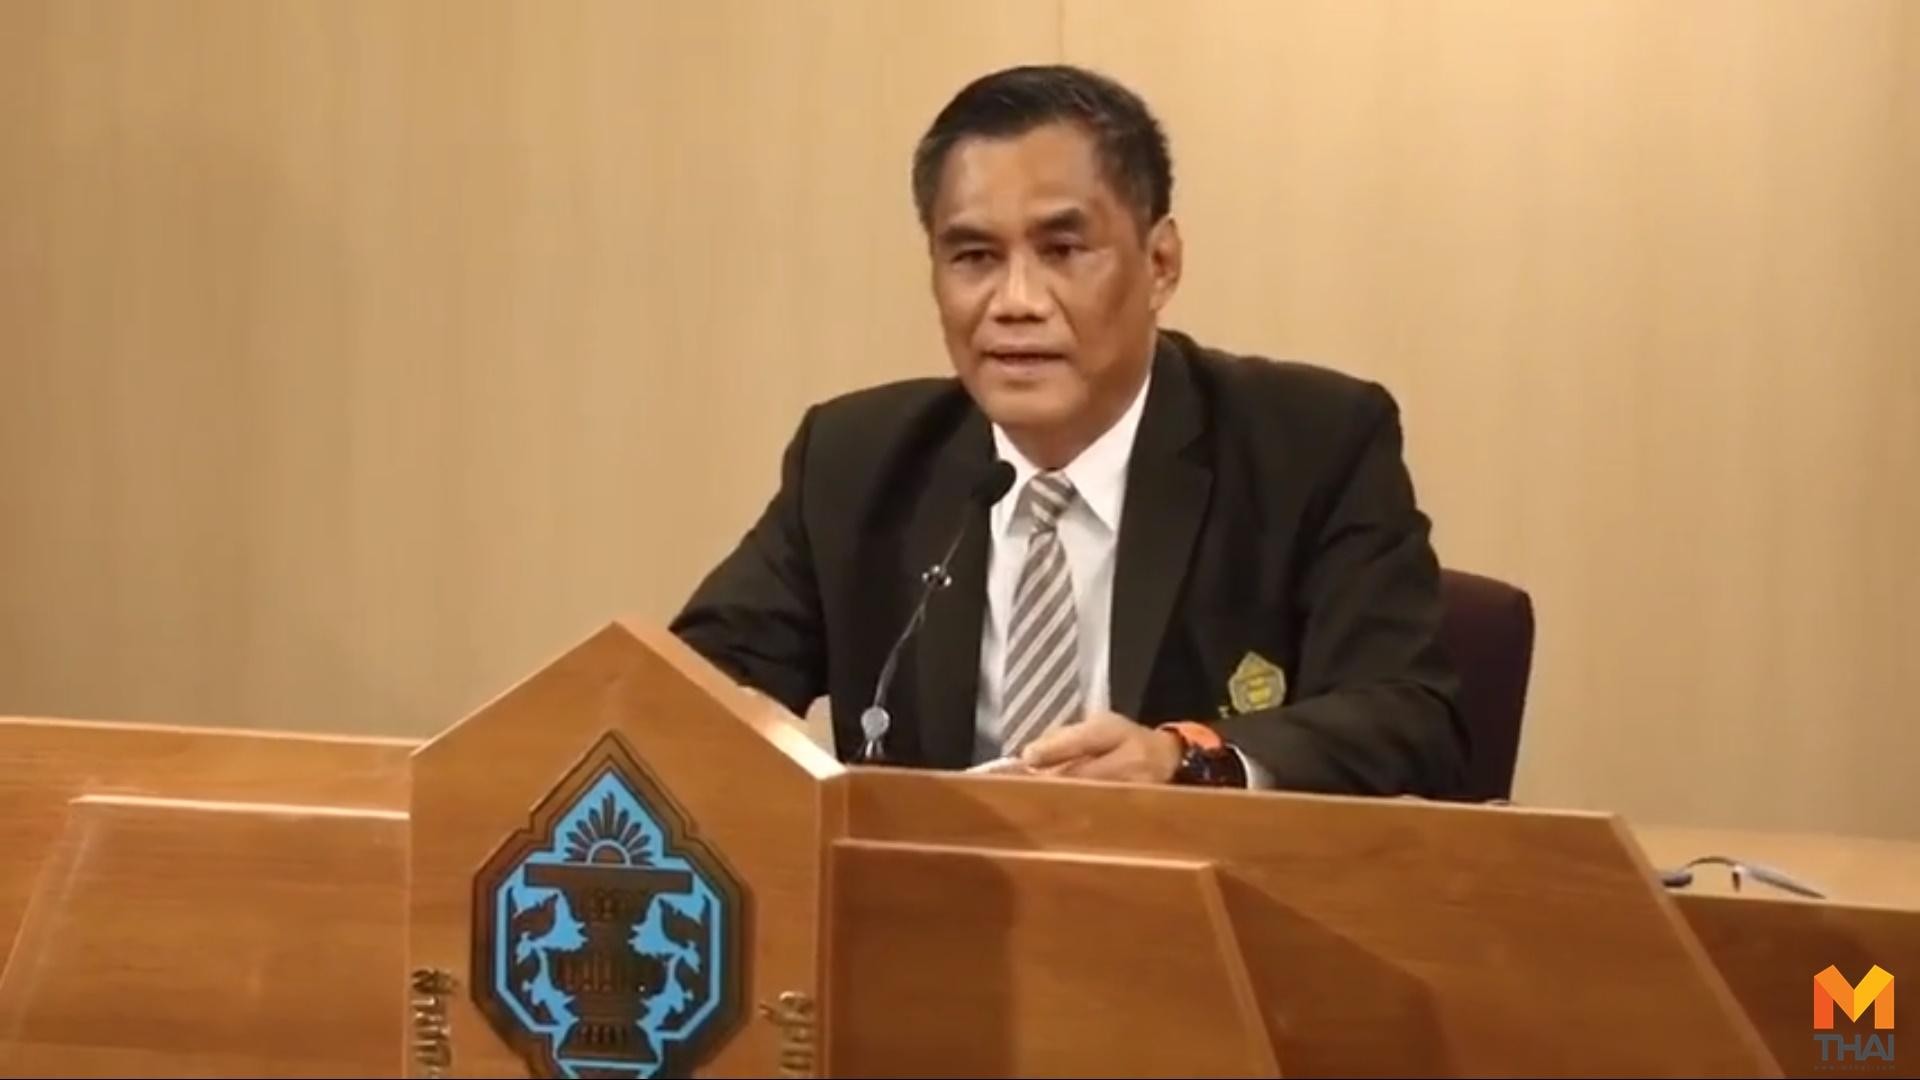 กกต การเมืองไทย ทษช. พรรคไทยรักษาชาติ ยุบพรรคไทยรักษาชาติ เลือกตั้ง 62